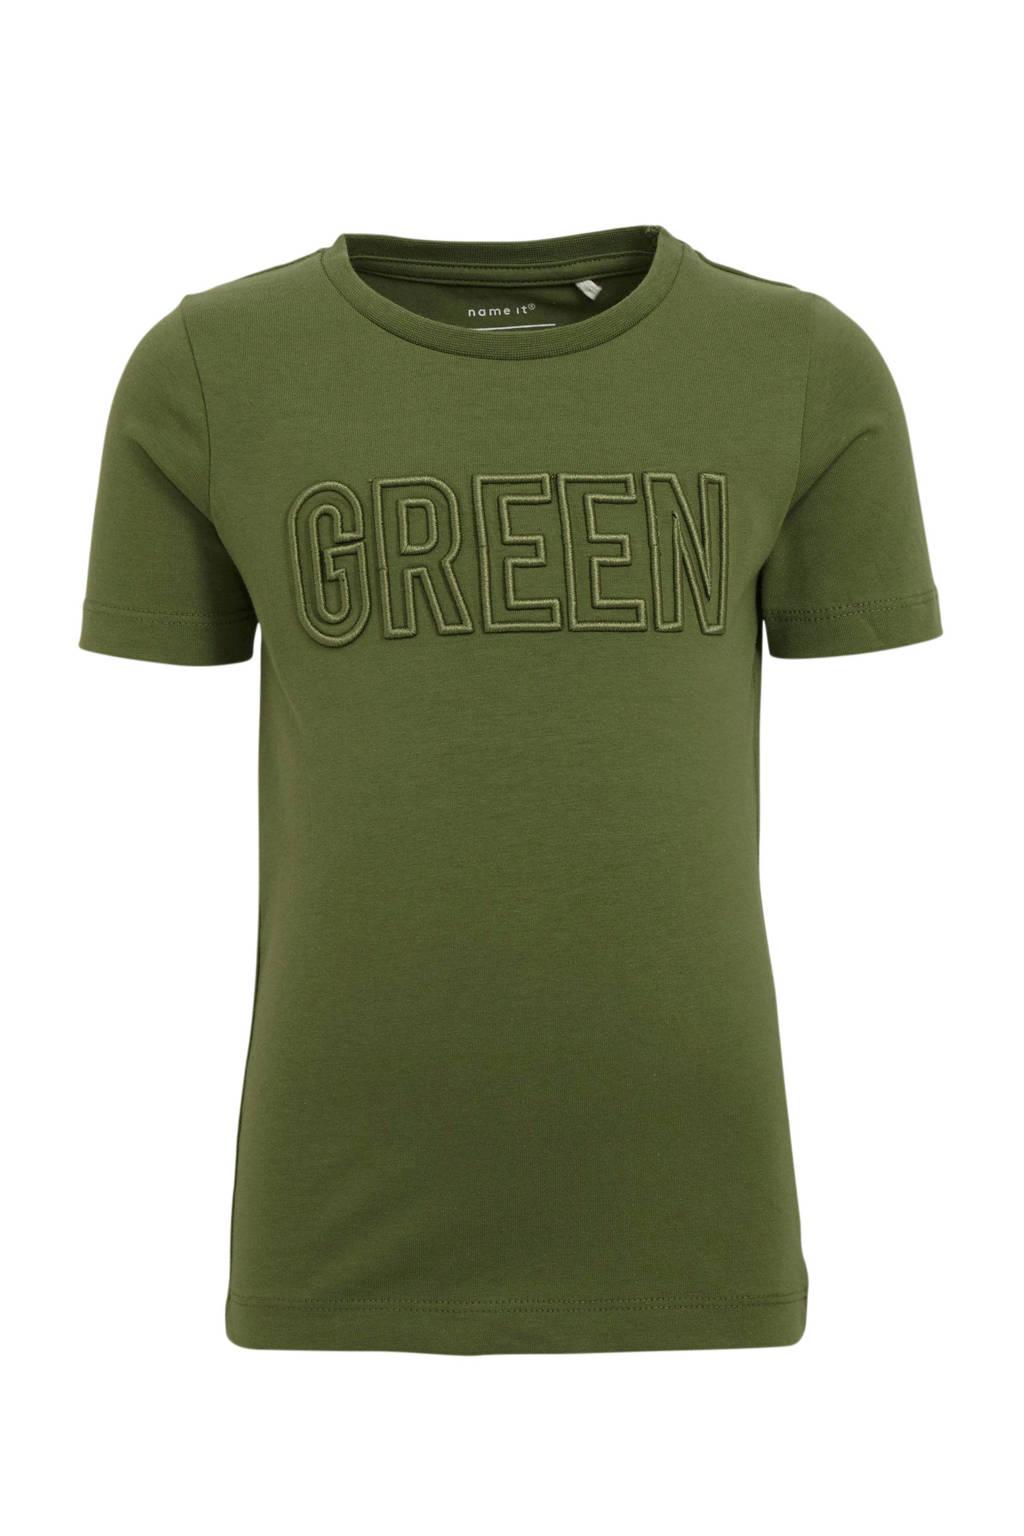 NAME IT MINI slim fit T-shirt Damony met tekst en borduursels army groen, Army groen